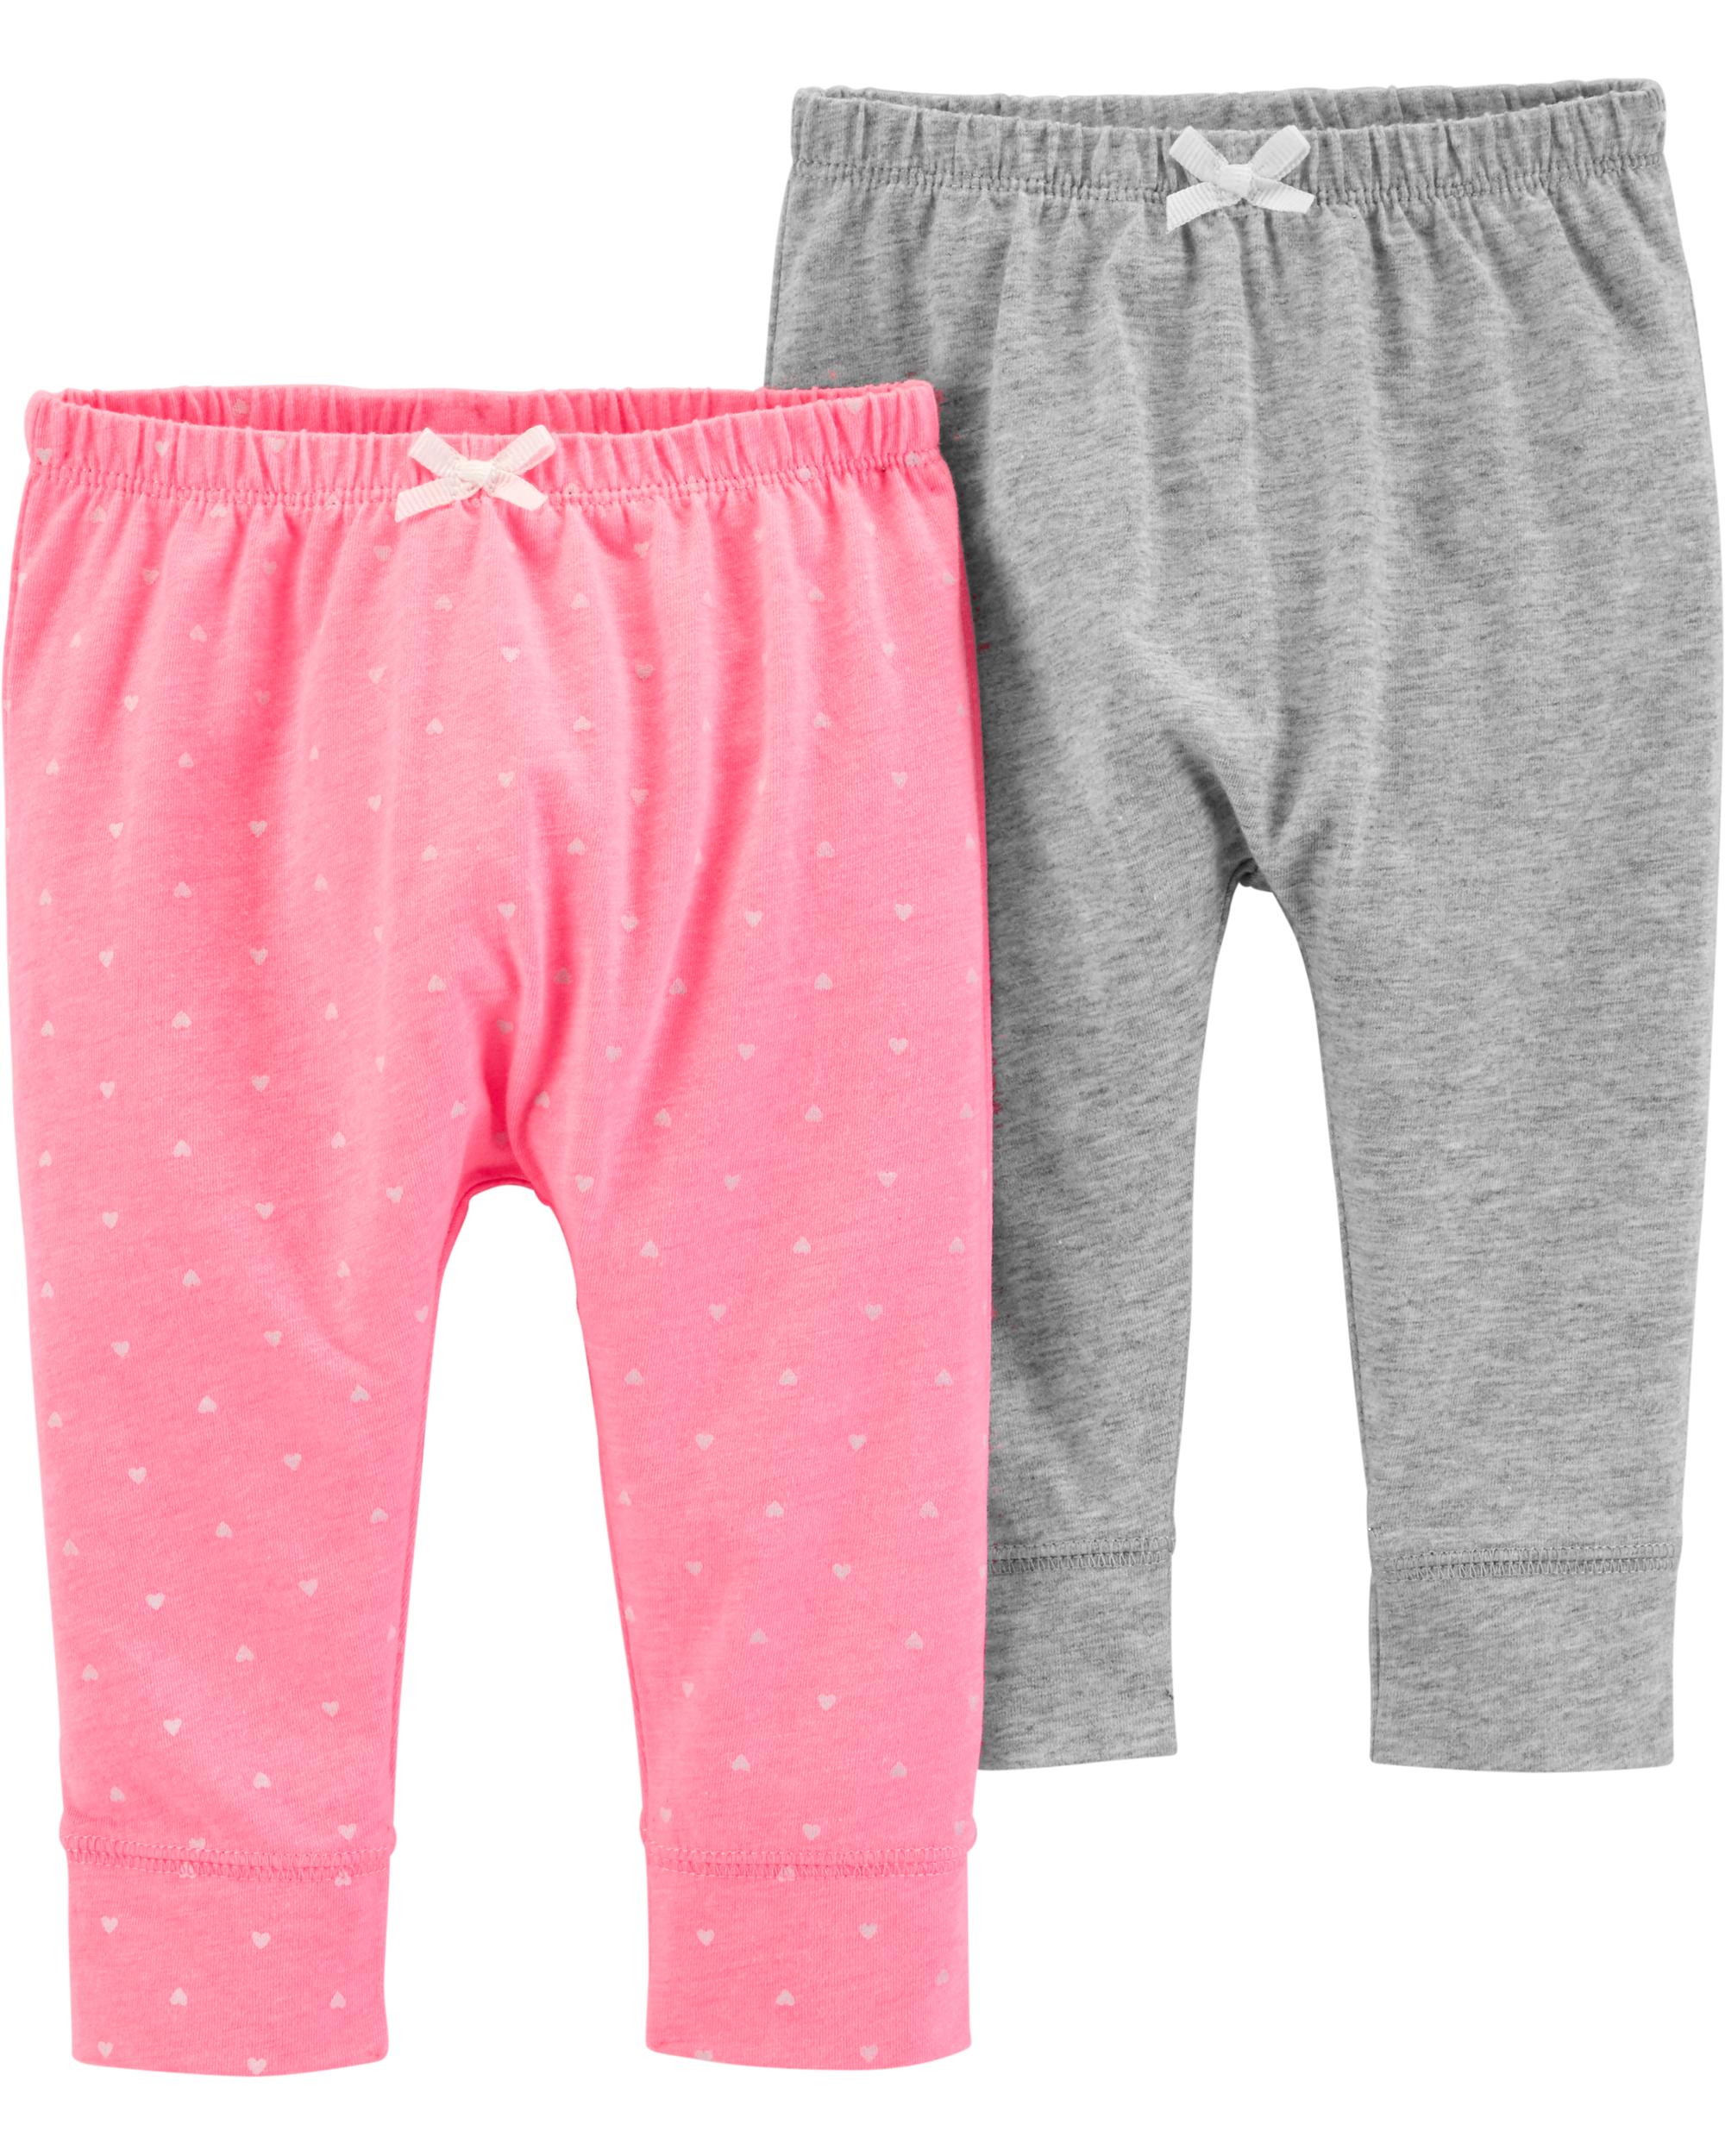 זוג מכנסיים ורוד/אפור